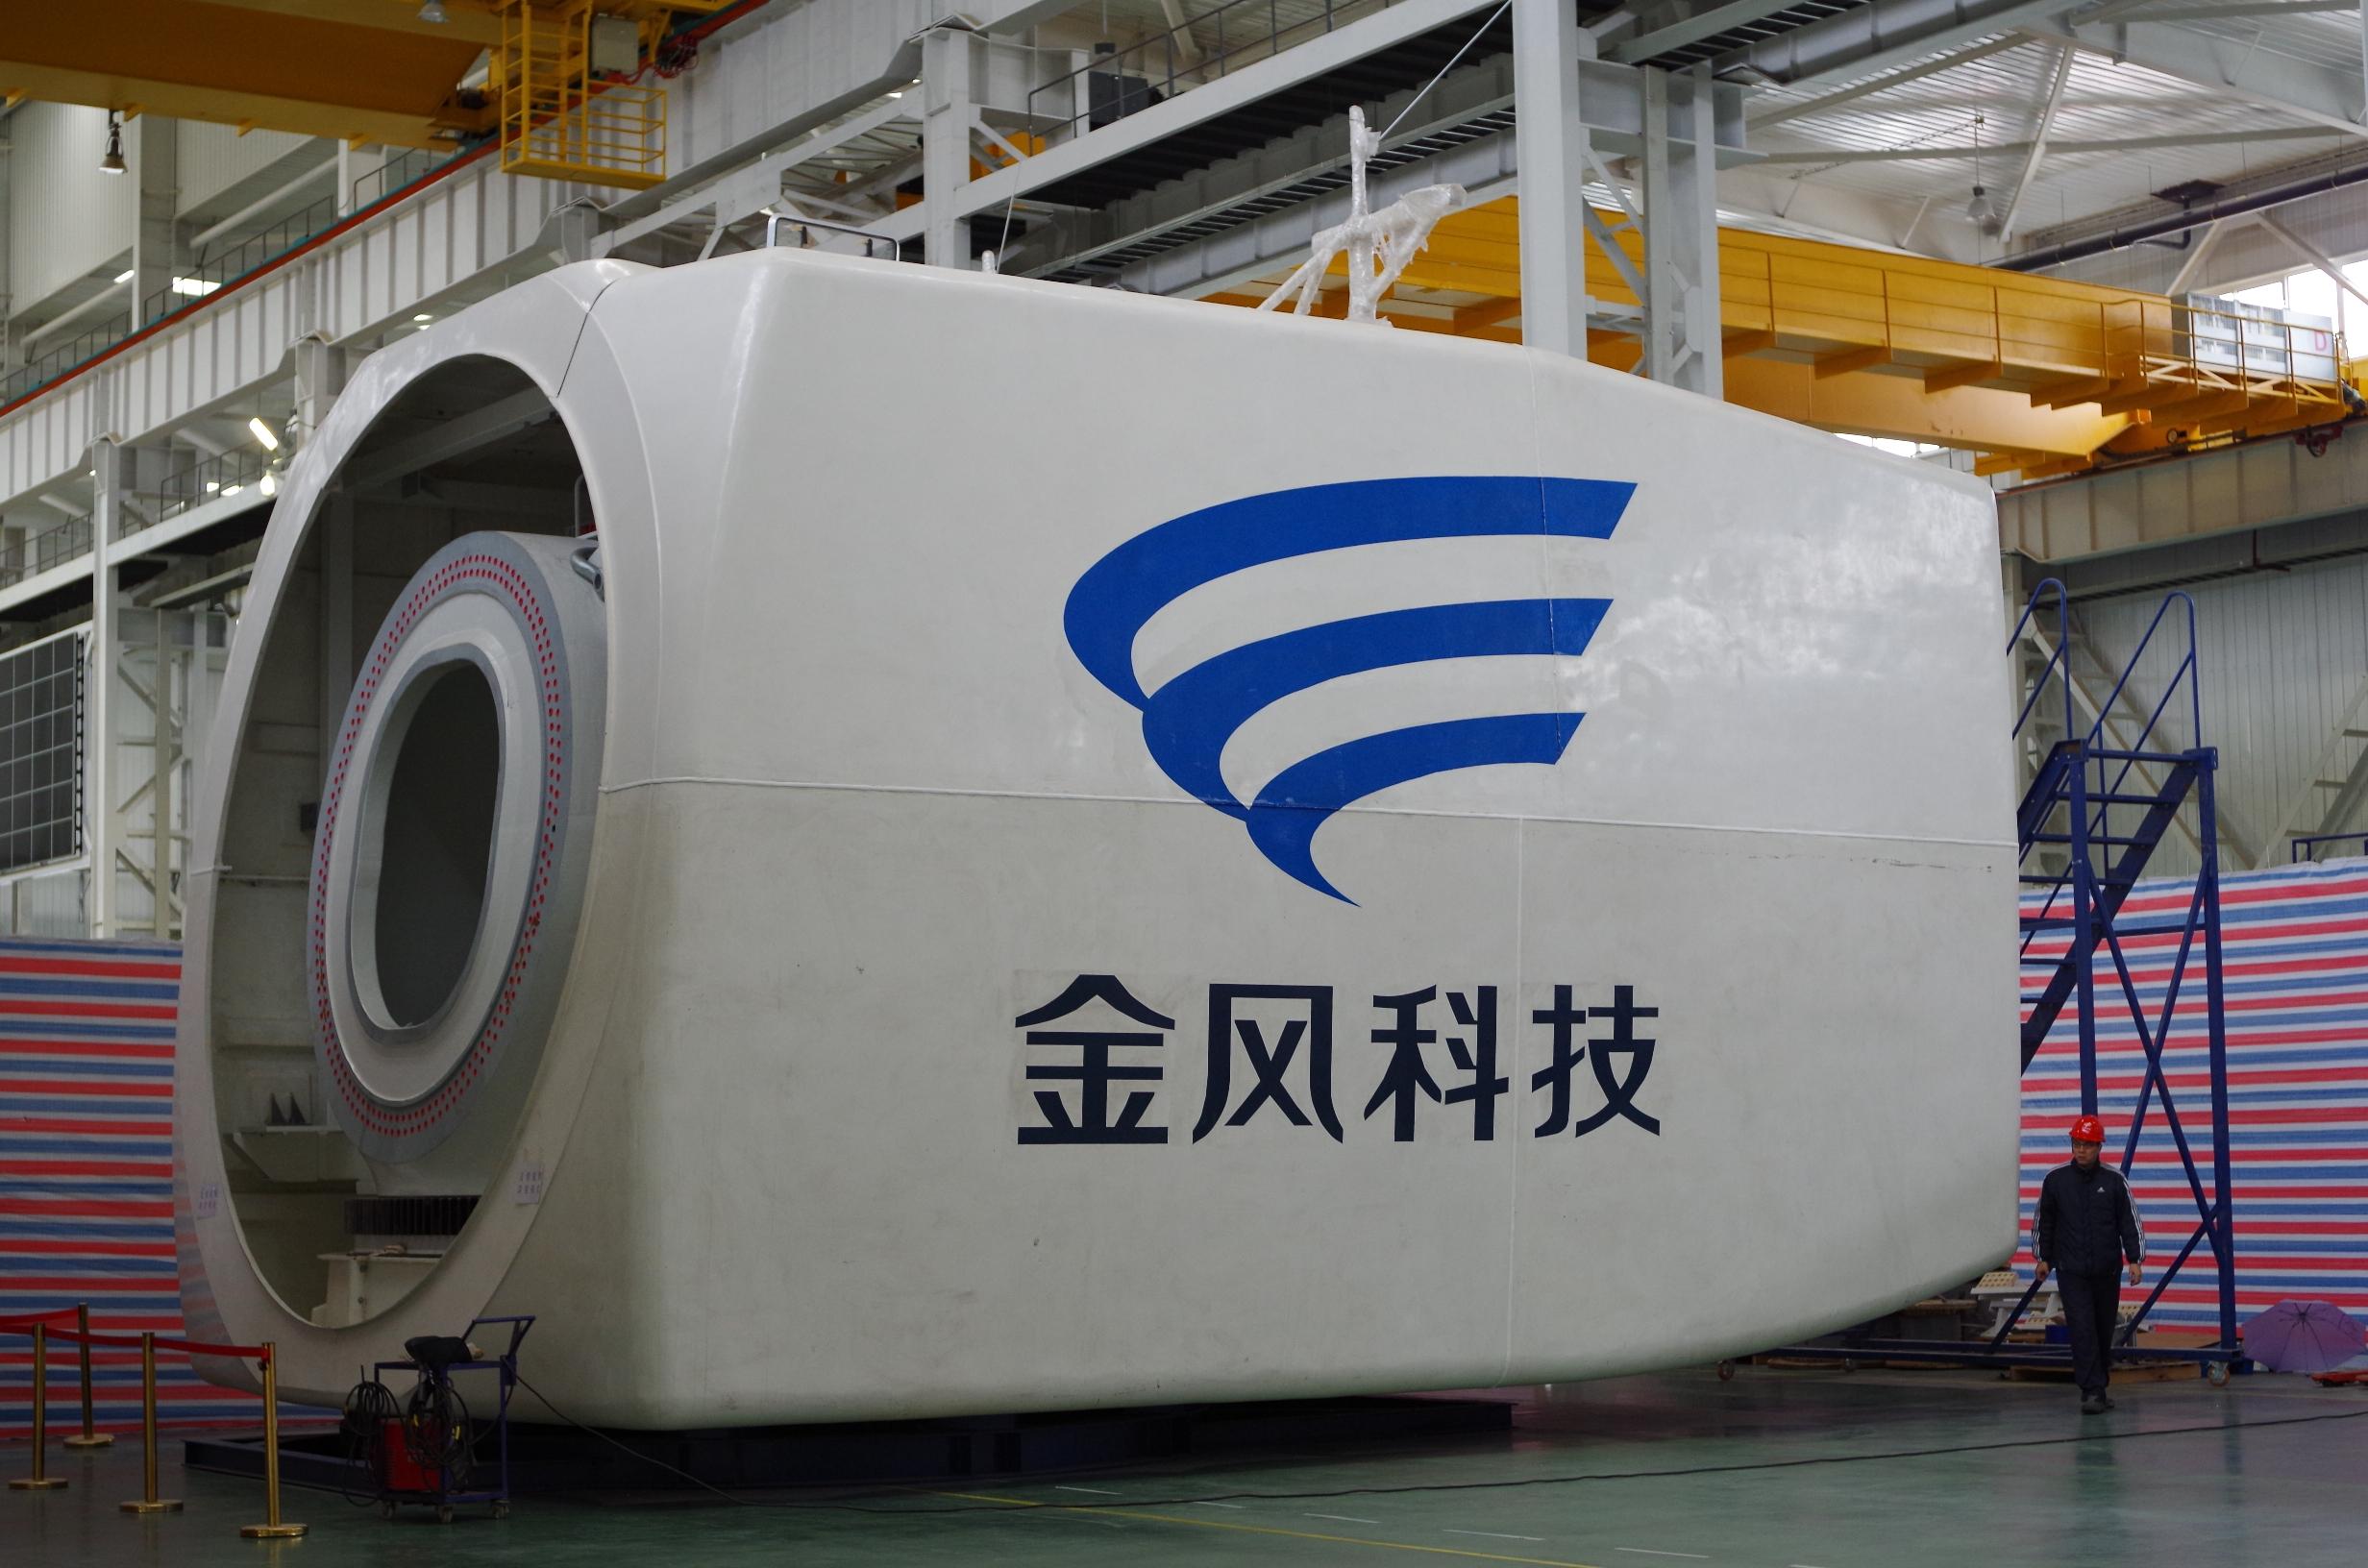 Windkraftgondel des chinesischen Herstellers Goldwind: Das Unternehmen ist der führende Windradbauer in China, dem weltweit größten Windmarkt. / Foto: Unternehmen